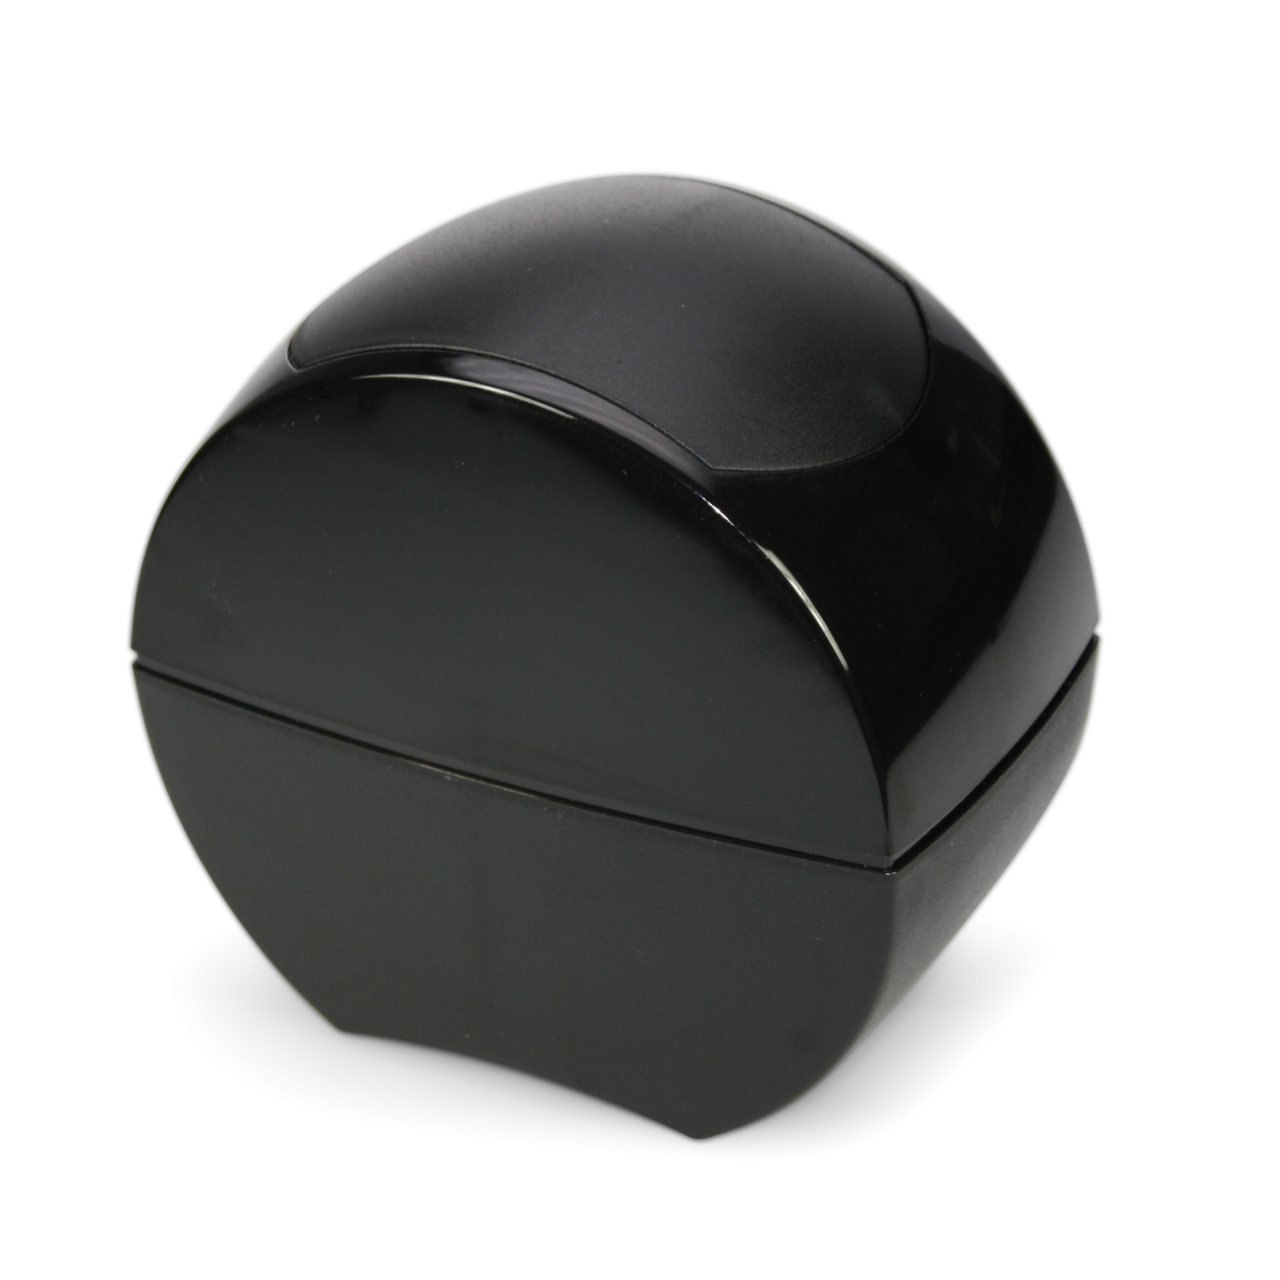 Tischabfallbehälter aus Kunststoff schwarz